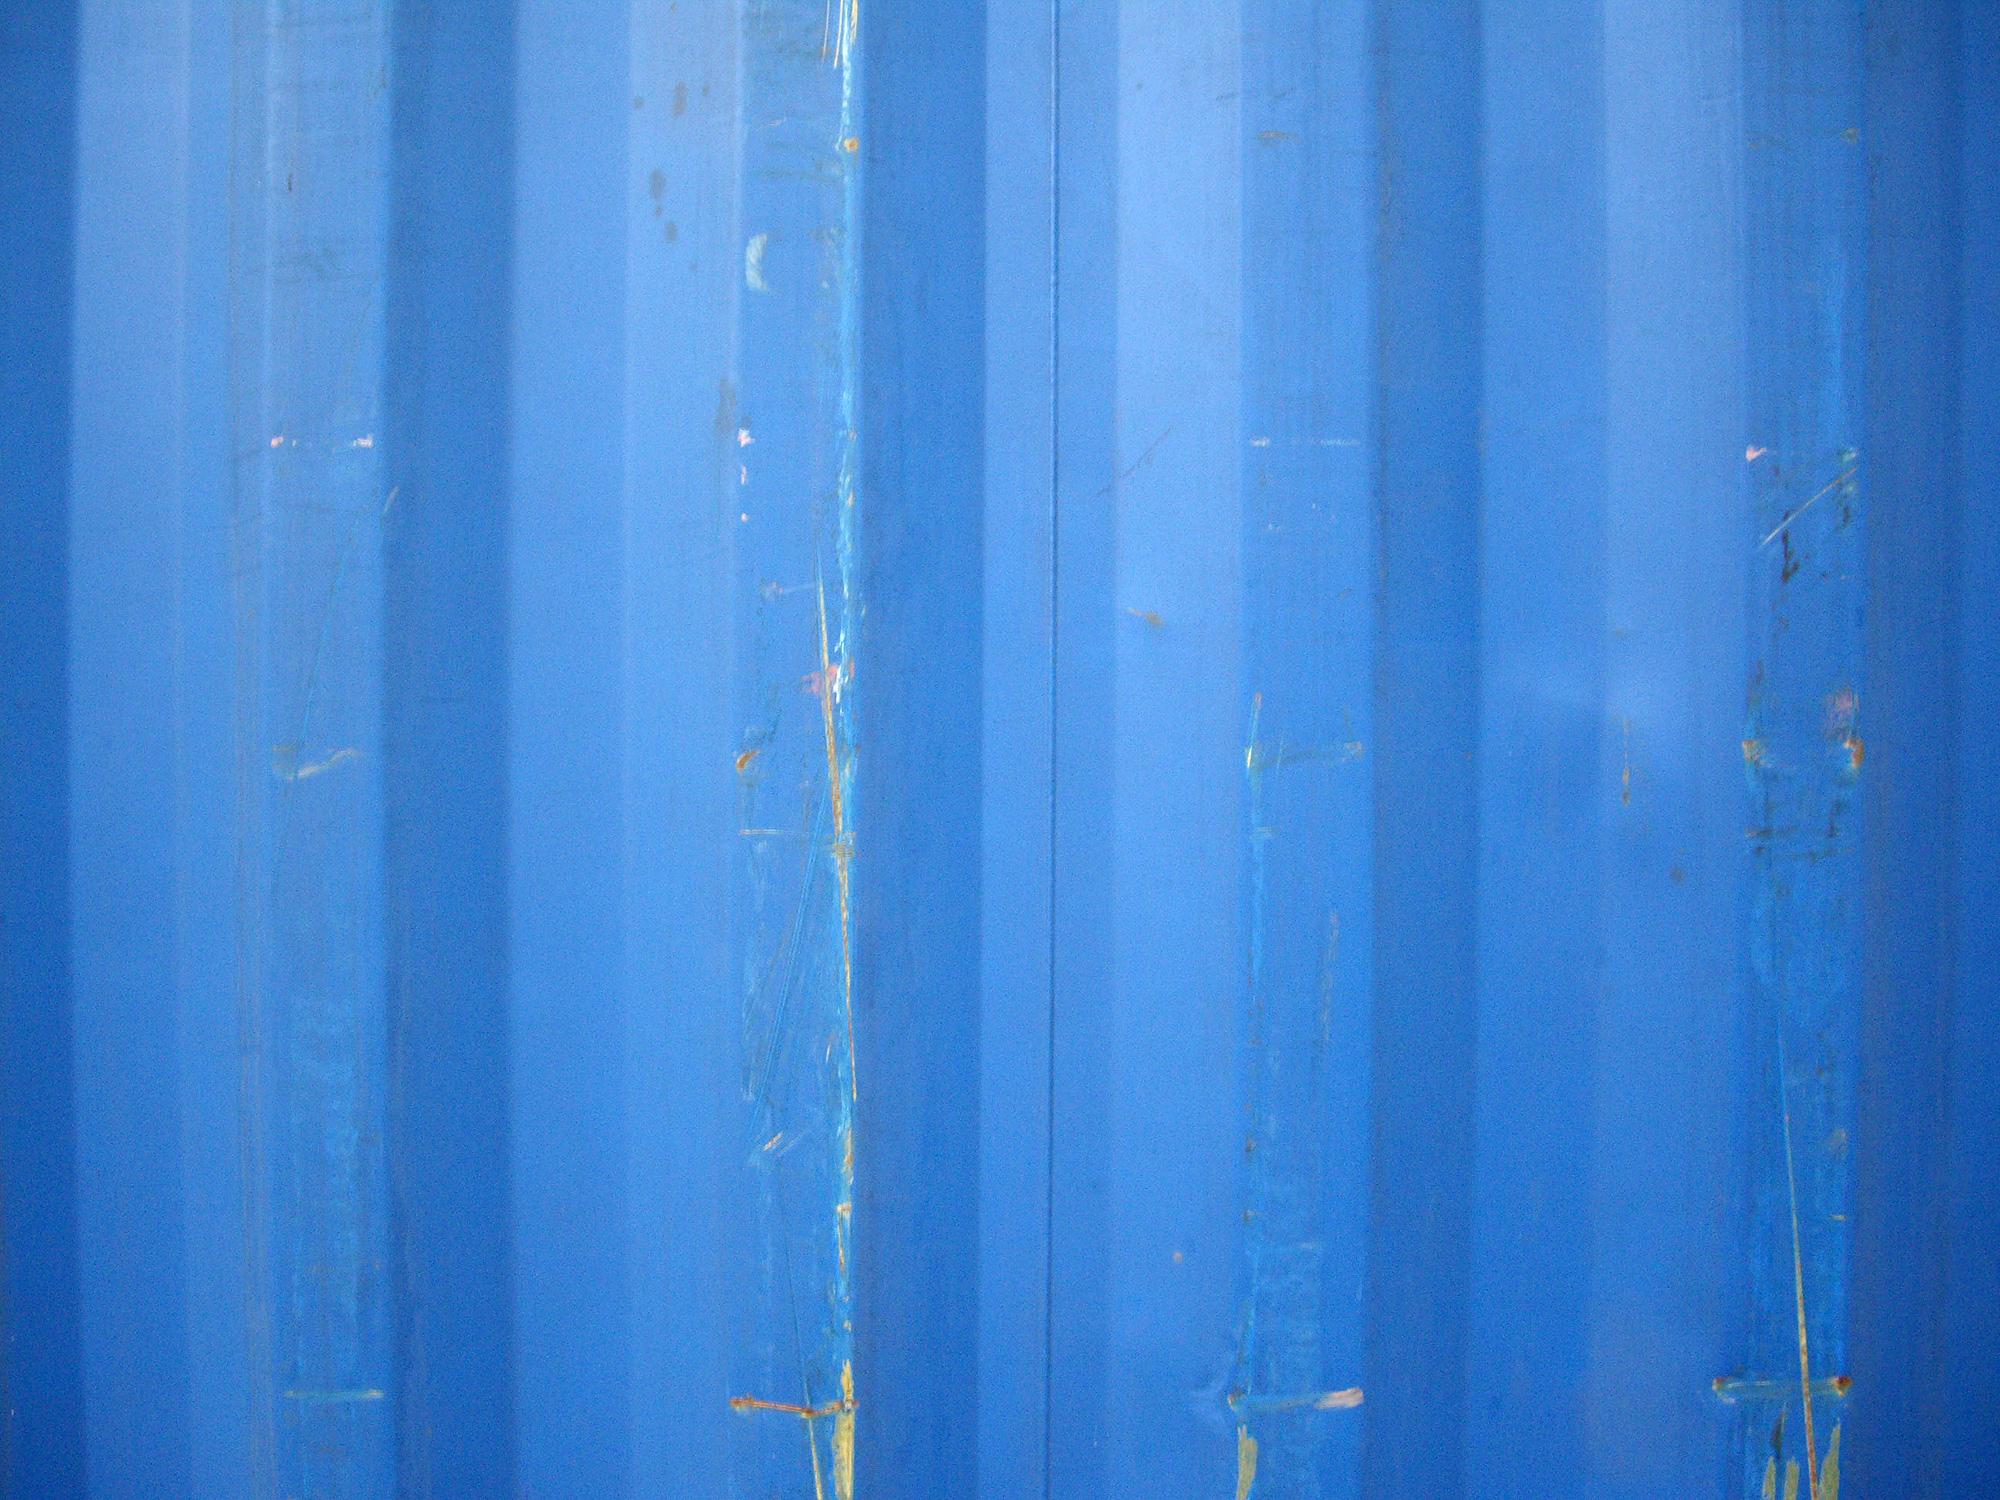 青い壁の写真のフリー素材